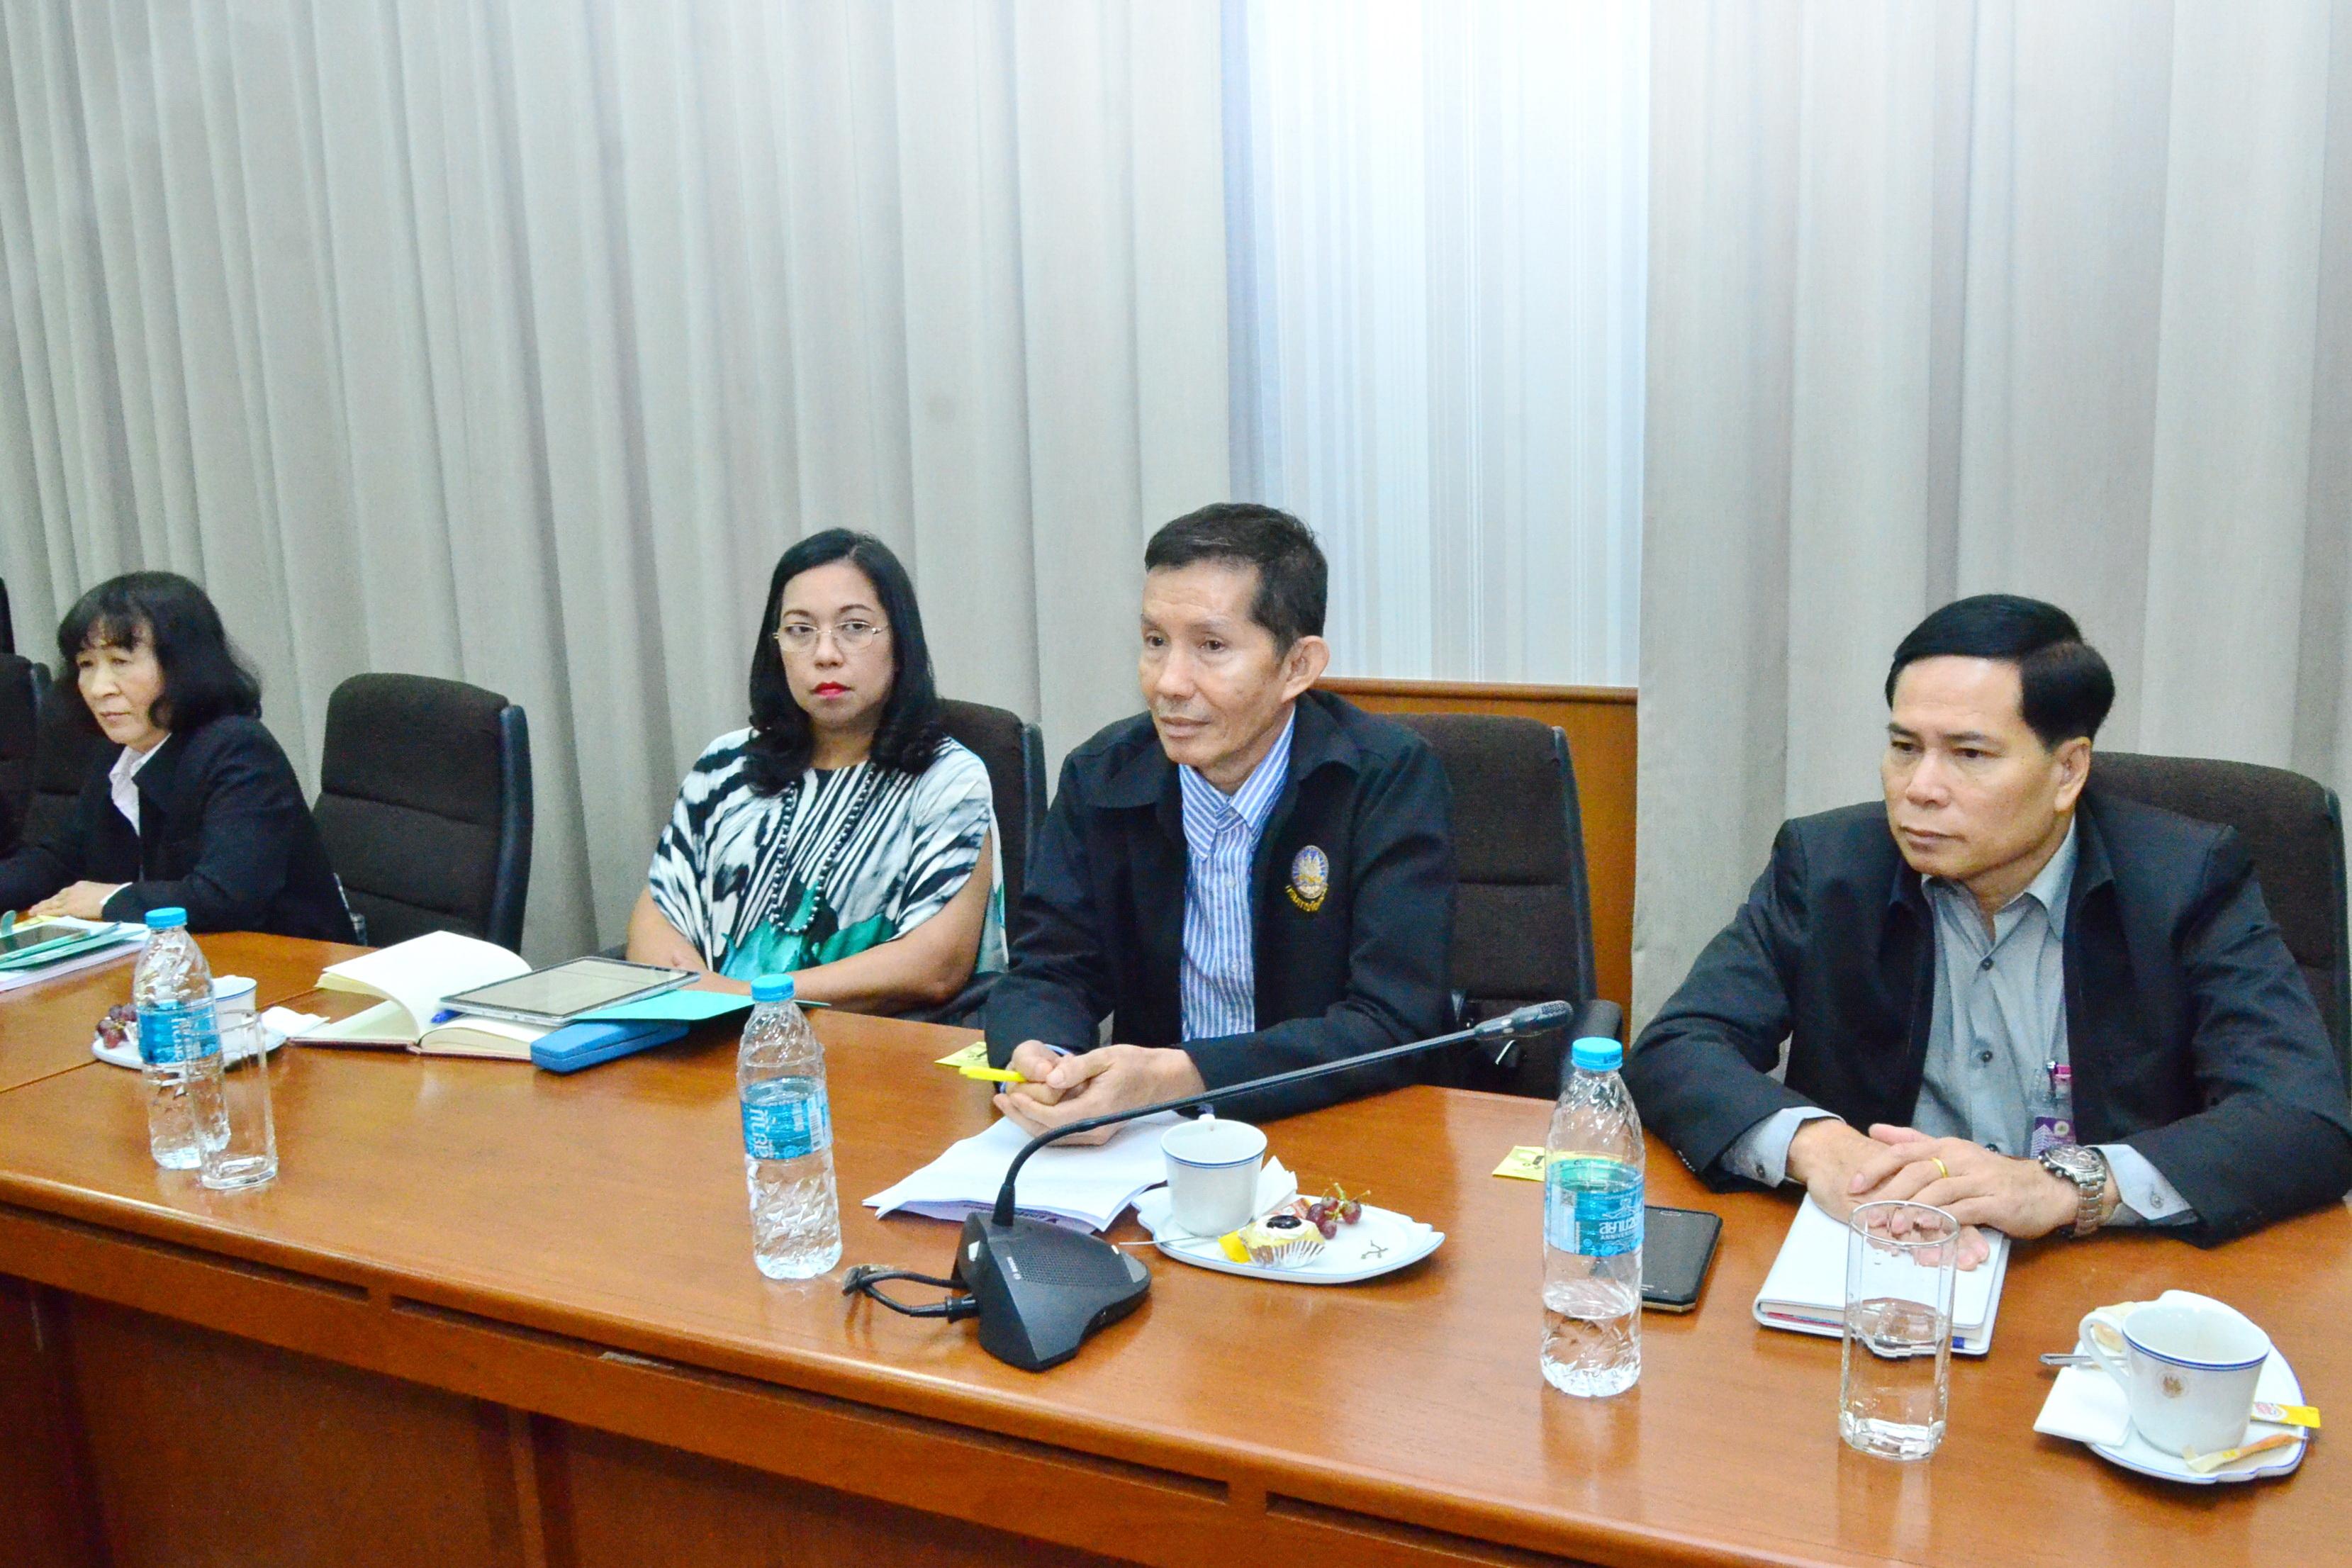 ผู้บริหารกรมการจัดหางาน เข้าร่วมประชุมกรมการจัดหางาน ครั้งที่ 9/2561ณ ห้องประชุมเทียน อัชกุล ชั้น 10 กรมการจัดหางาน